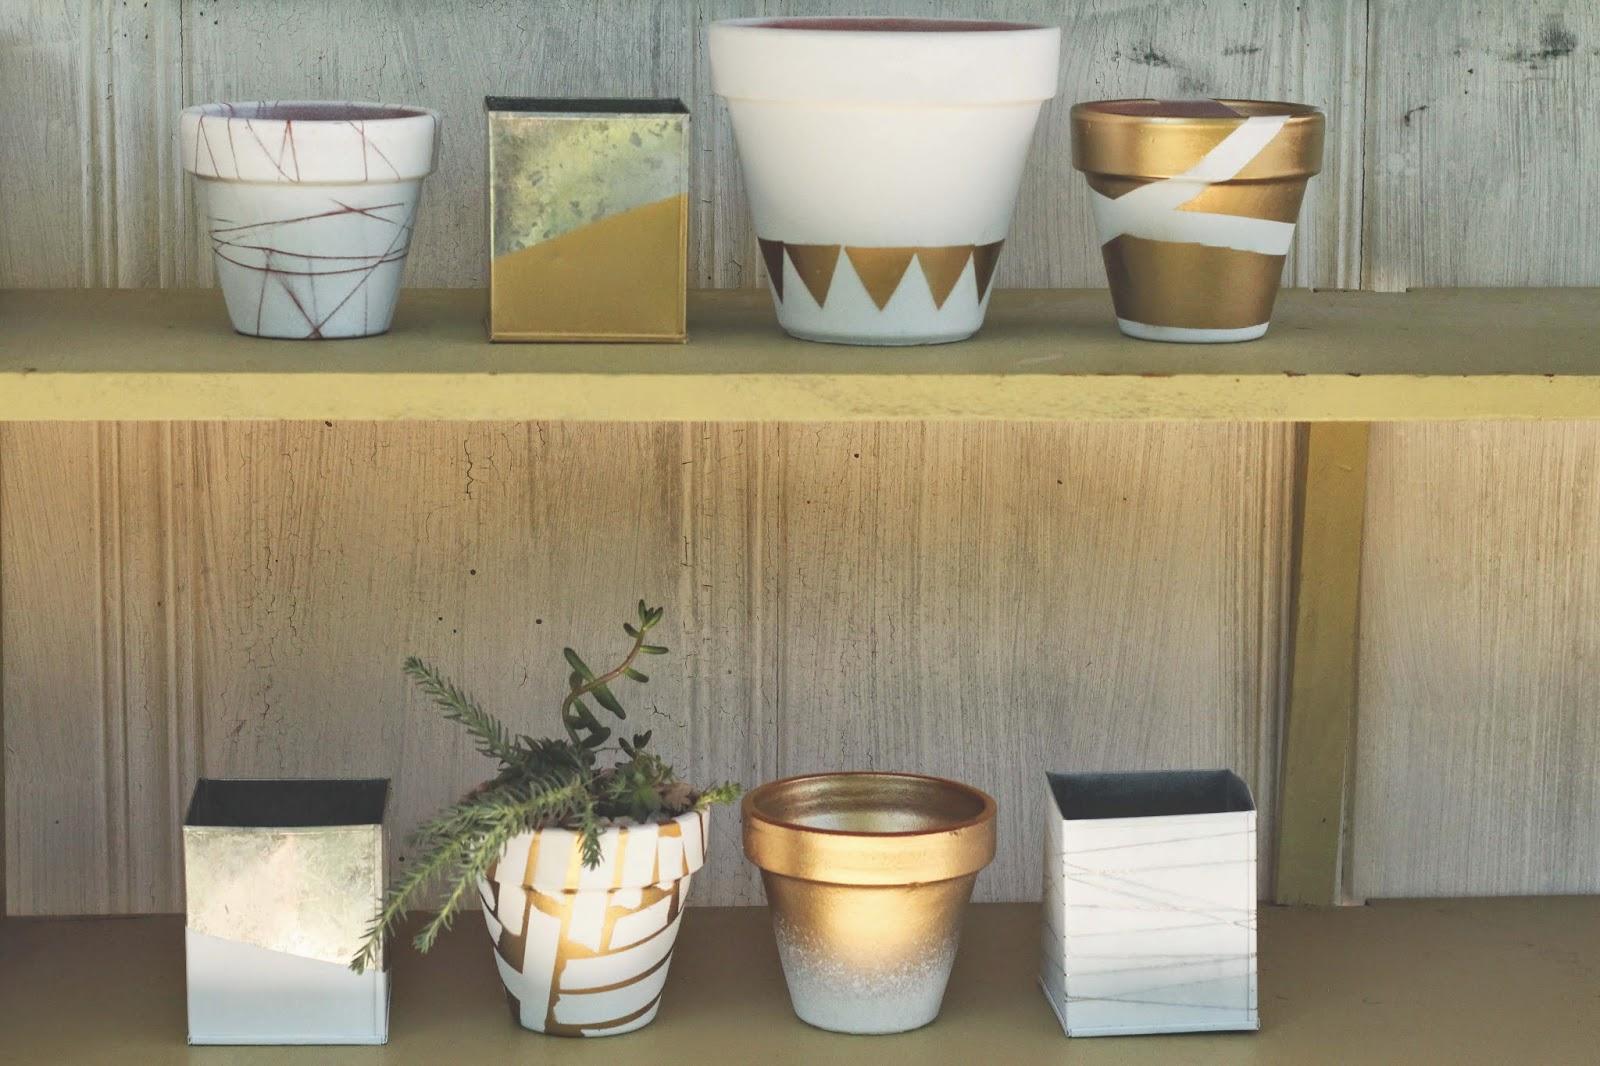 diy: spray painted pots